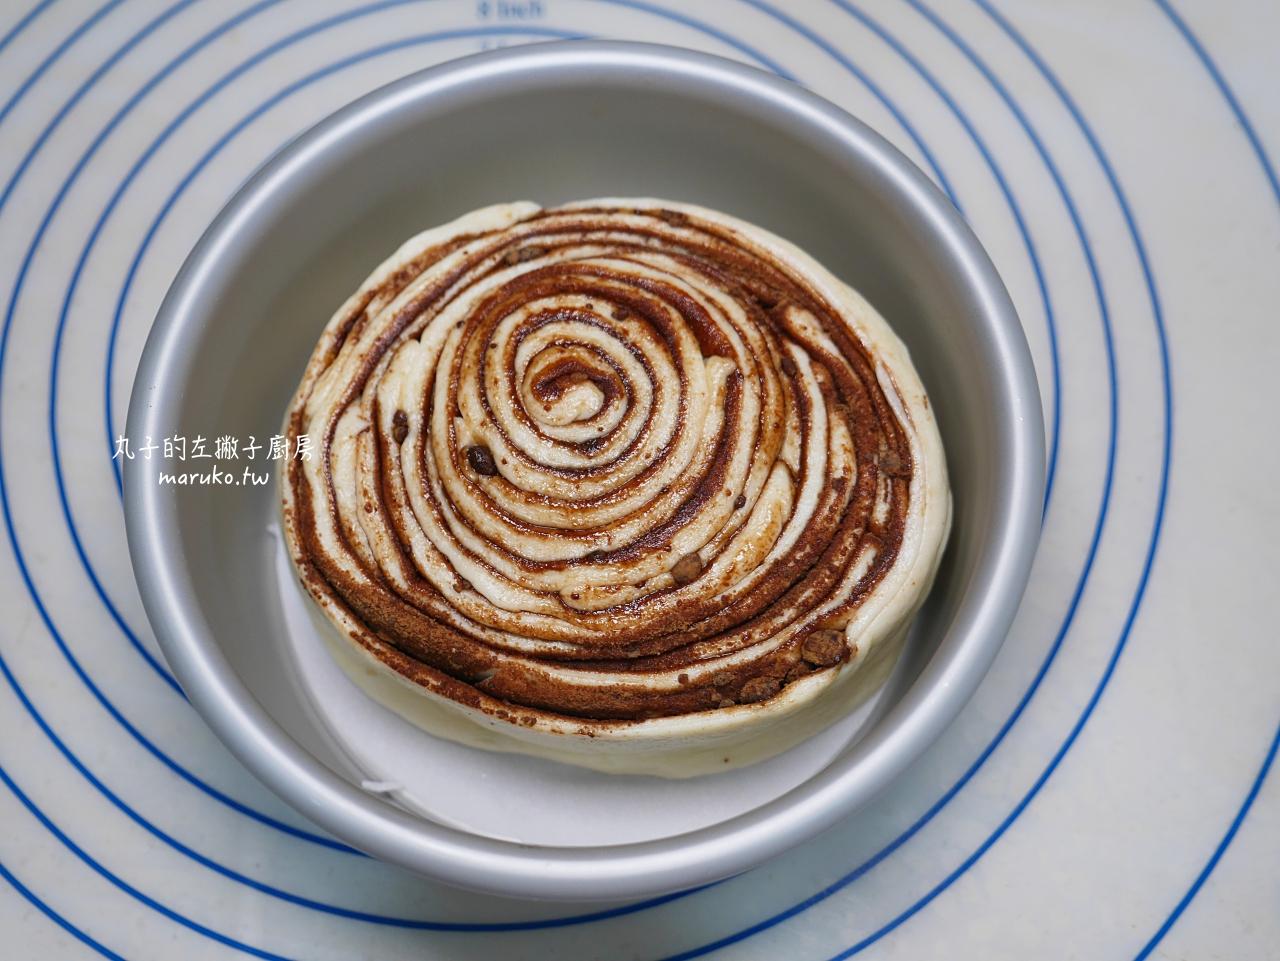 【食譜】肉桂捲蛋糕/綠山農場鮮奶油取代部分牛奶口感更鬆軟/鮮奶油食譜推薦 @Maruko與美食有個約會